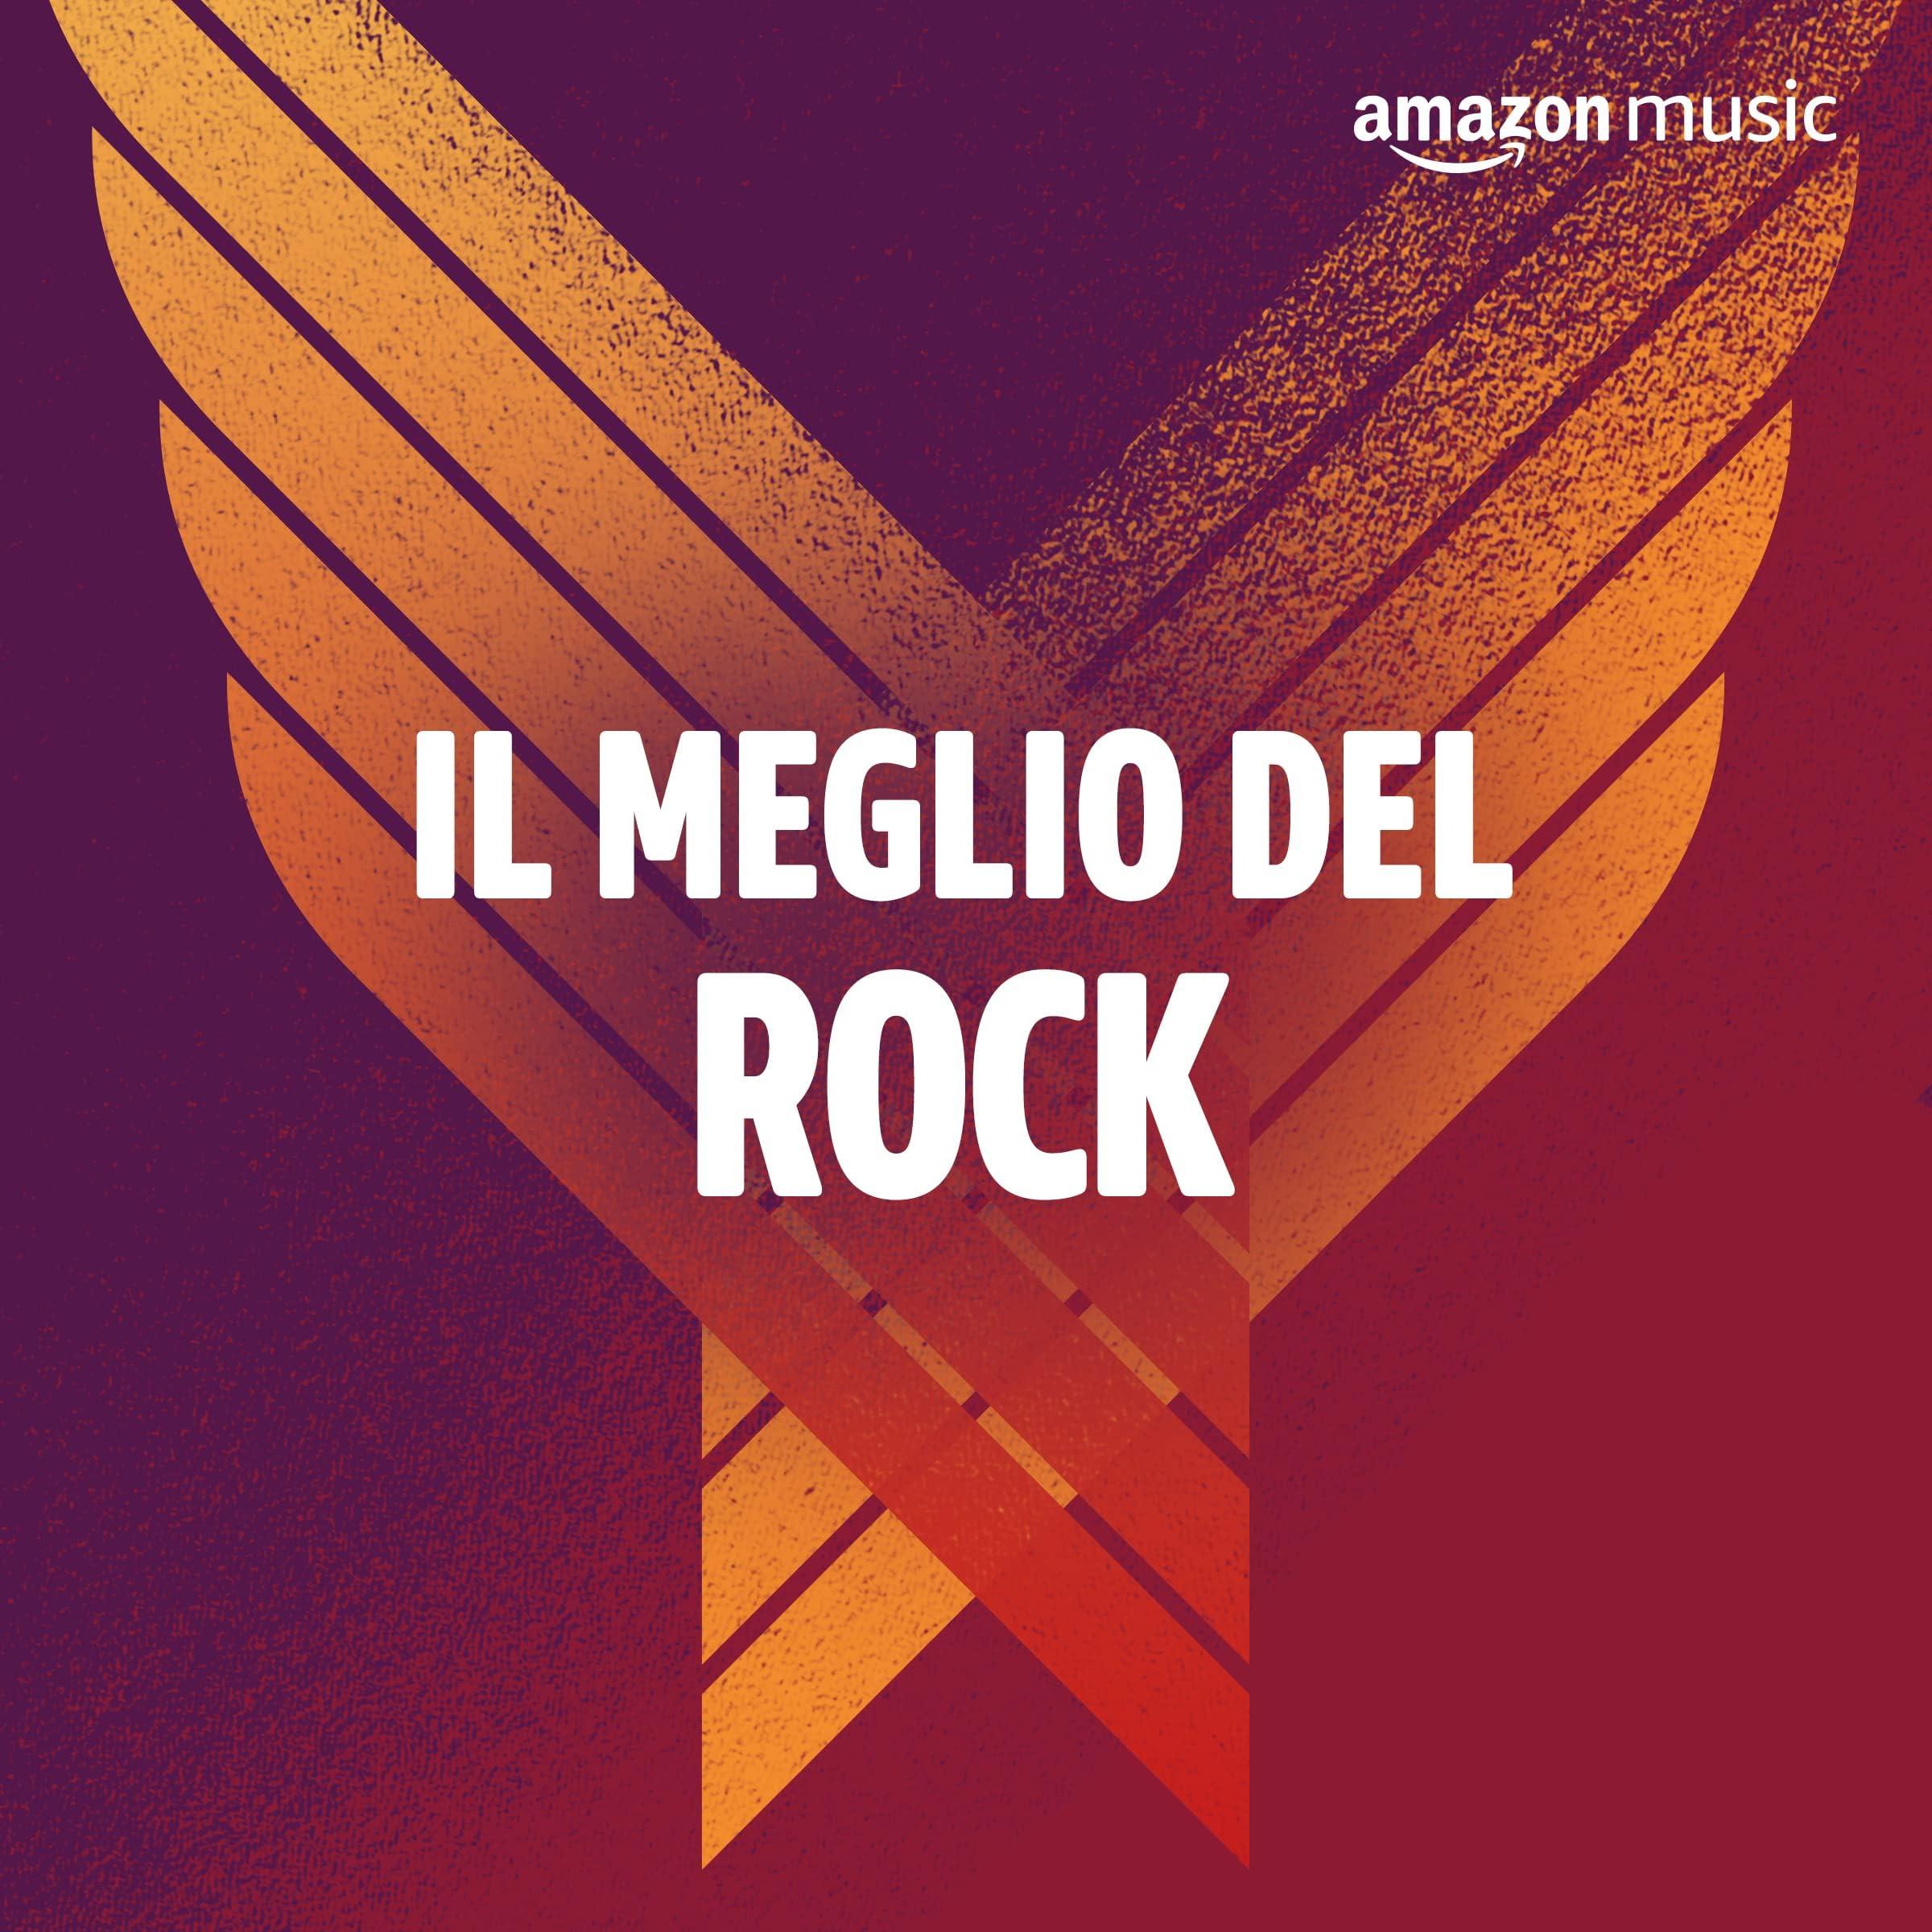 Il meglio del Rock